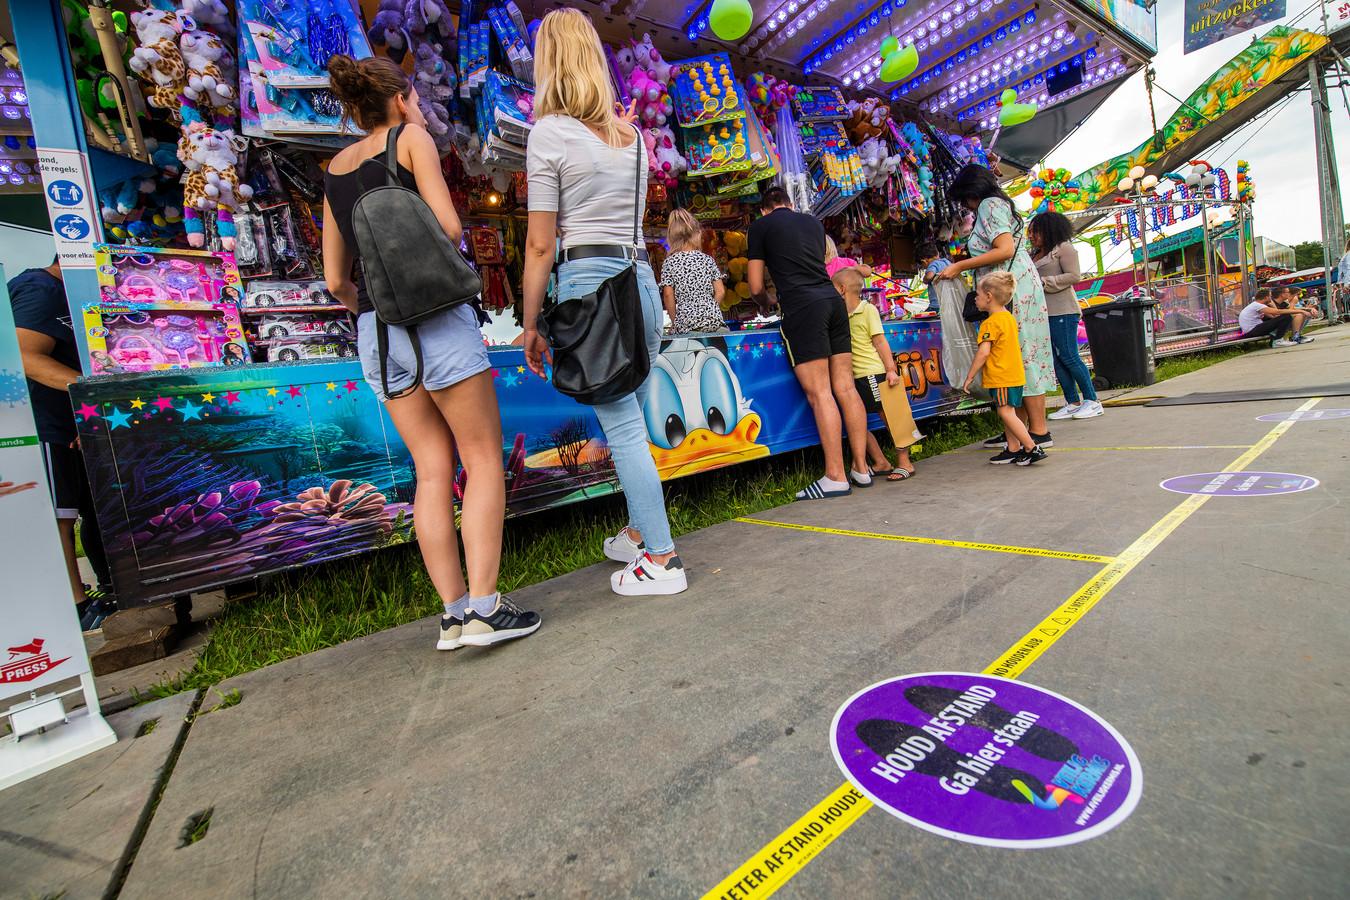 Organisator De Voer uit Apeldoorn hield de afgelopen dagen ook de kermis in Apeldoorn. Daar werd ervaring opgedaan met het in acht nemen van de coronarichtlijnen. Die ervaring wordt ook in Zwolle ingezet, net als de belijning en stickers op de grond.